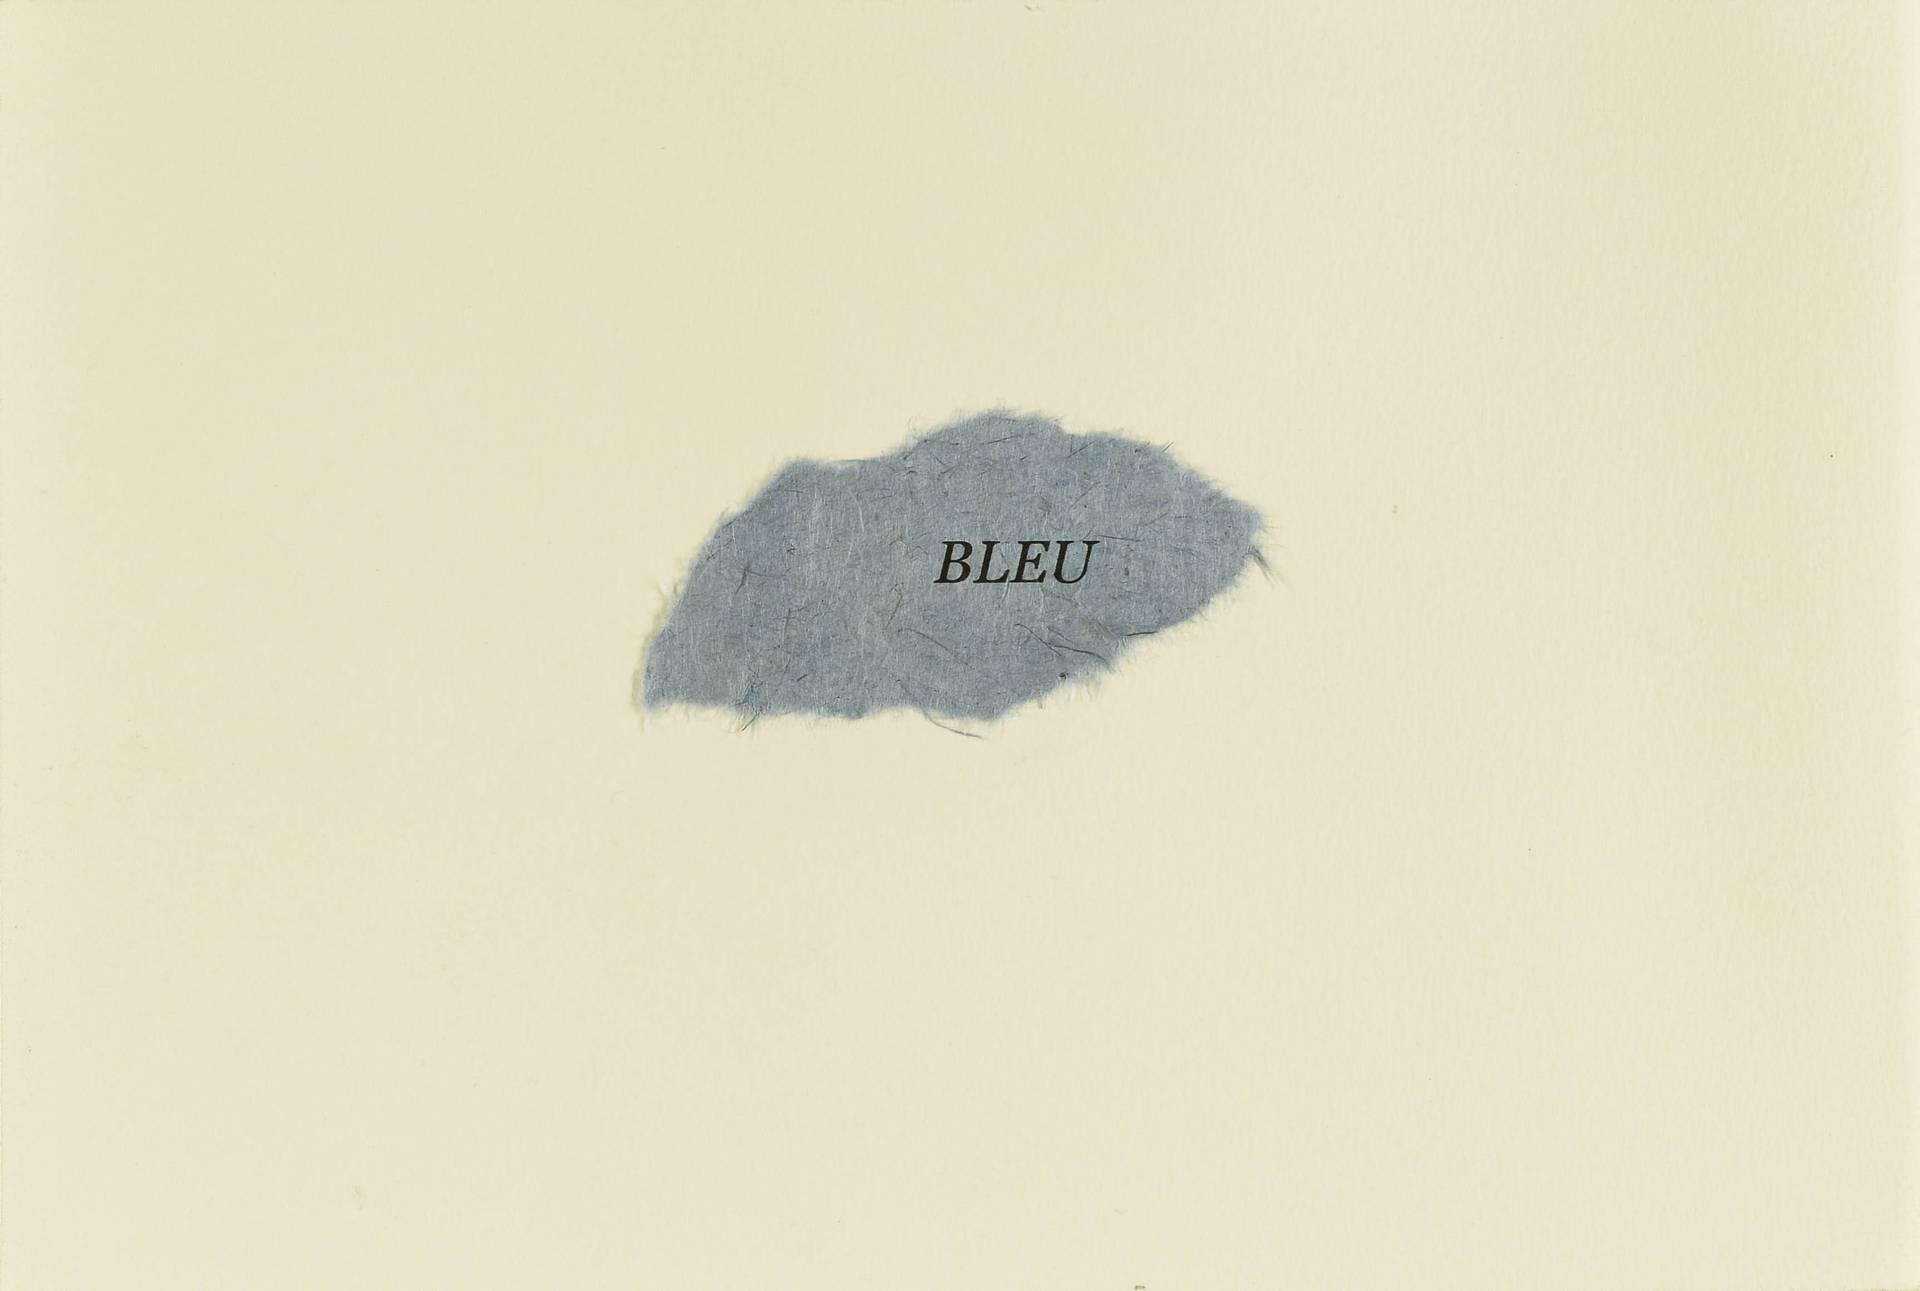 Le Bleu : couleur symbolique